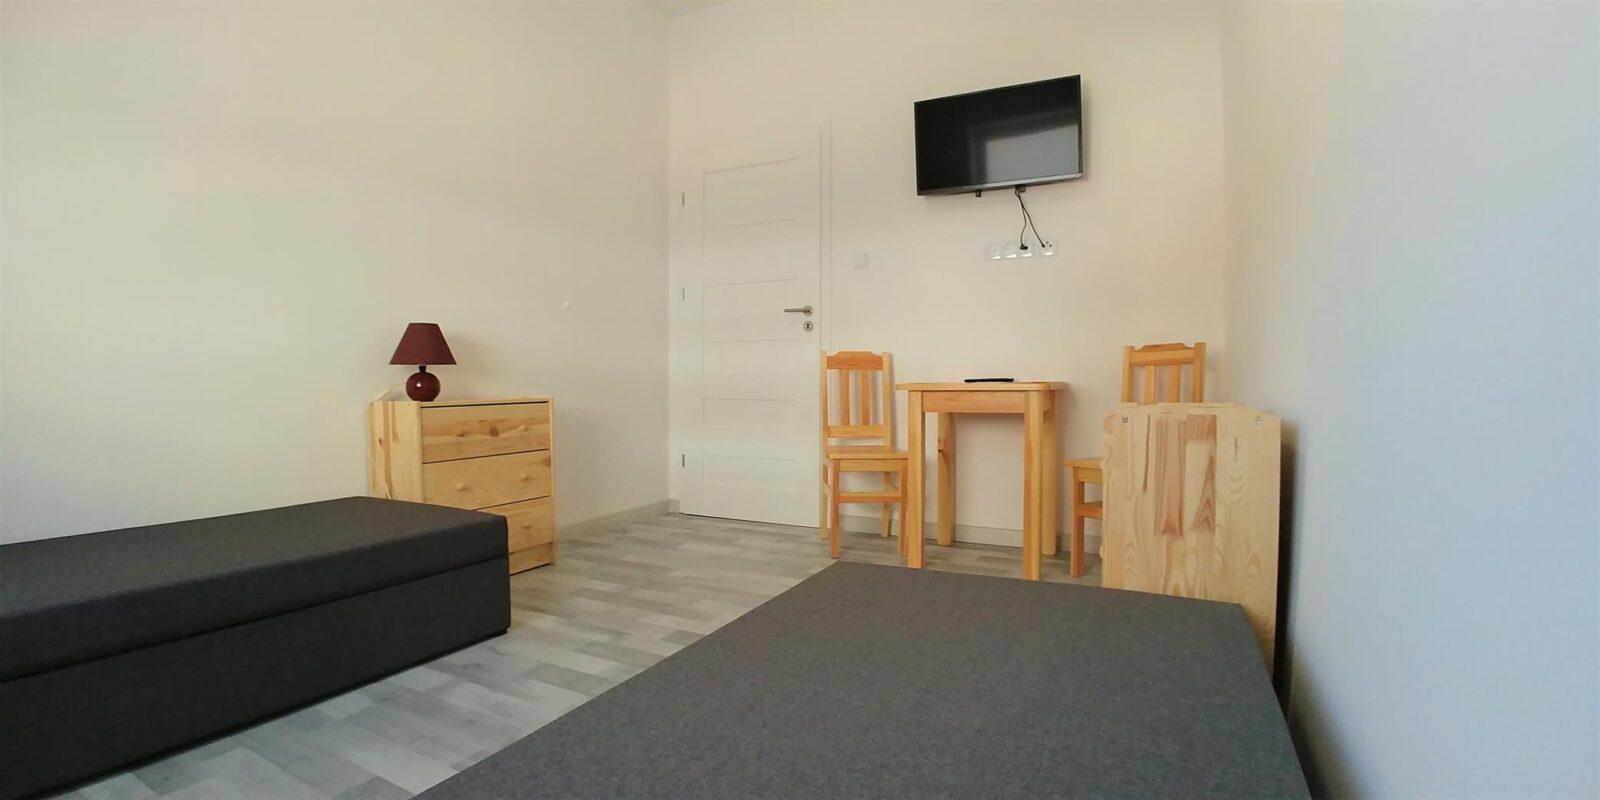 Mieszkanie dla 6 osób dla FIRMY lub prywatnie, Goleniów